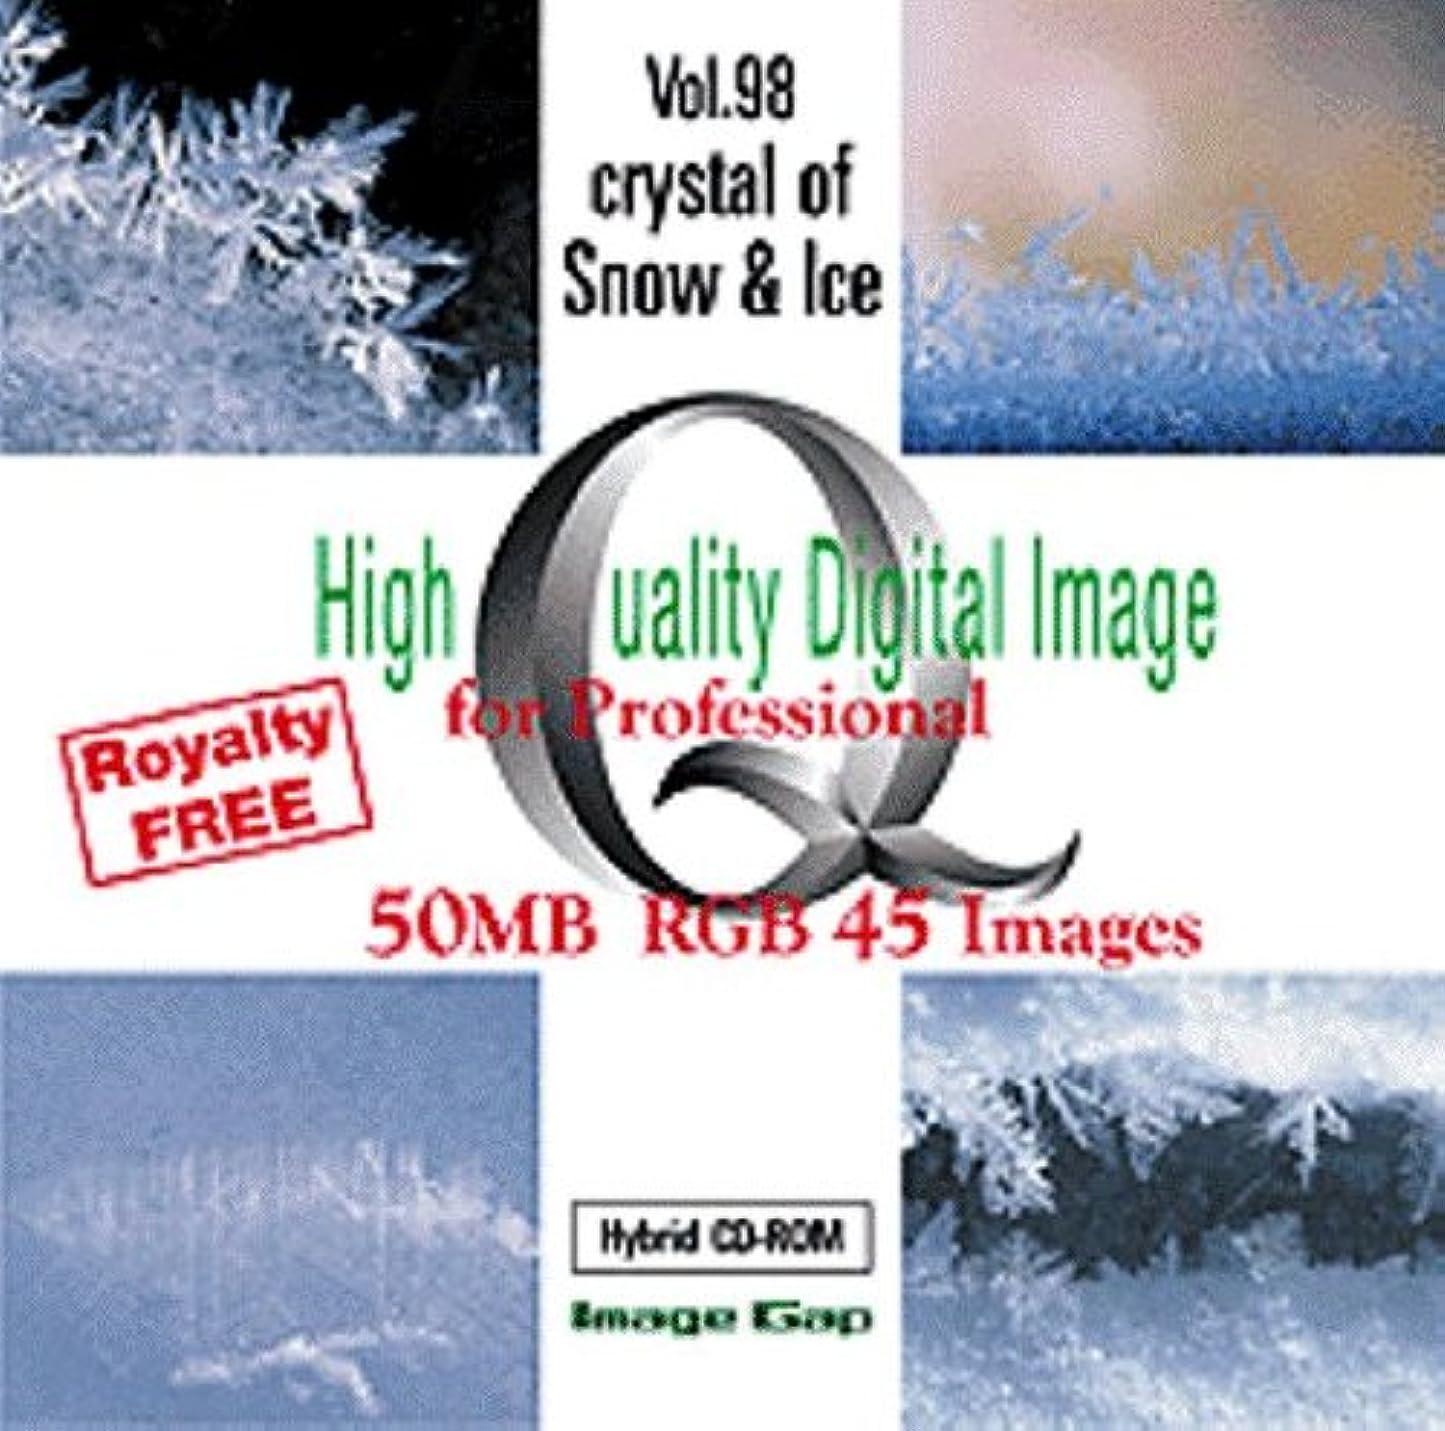 粘性のランプ楕円形High Quality Digital Image Crystal of Snow & Ice